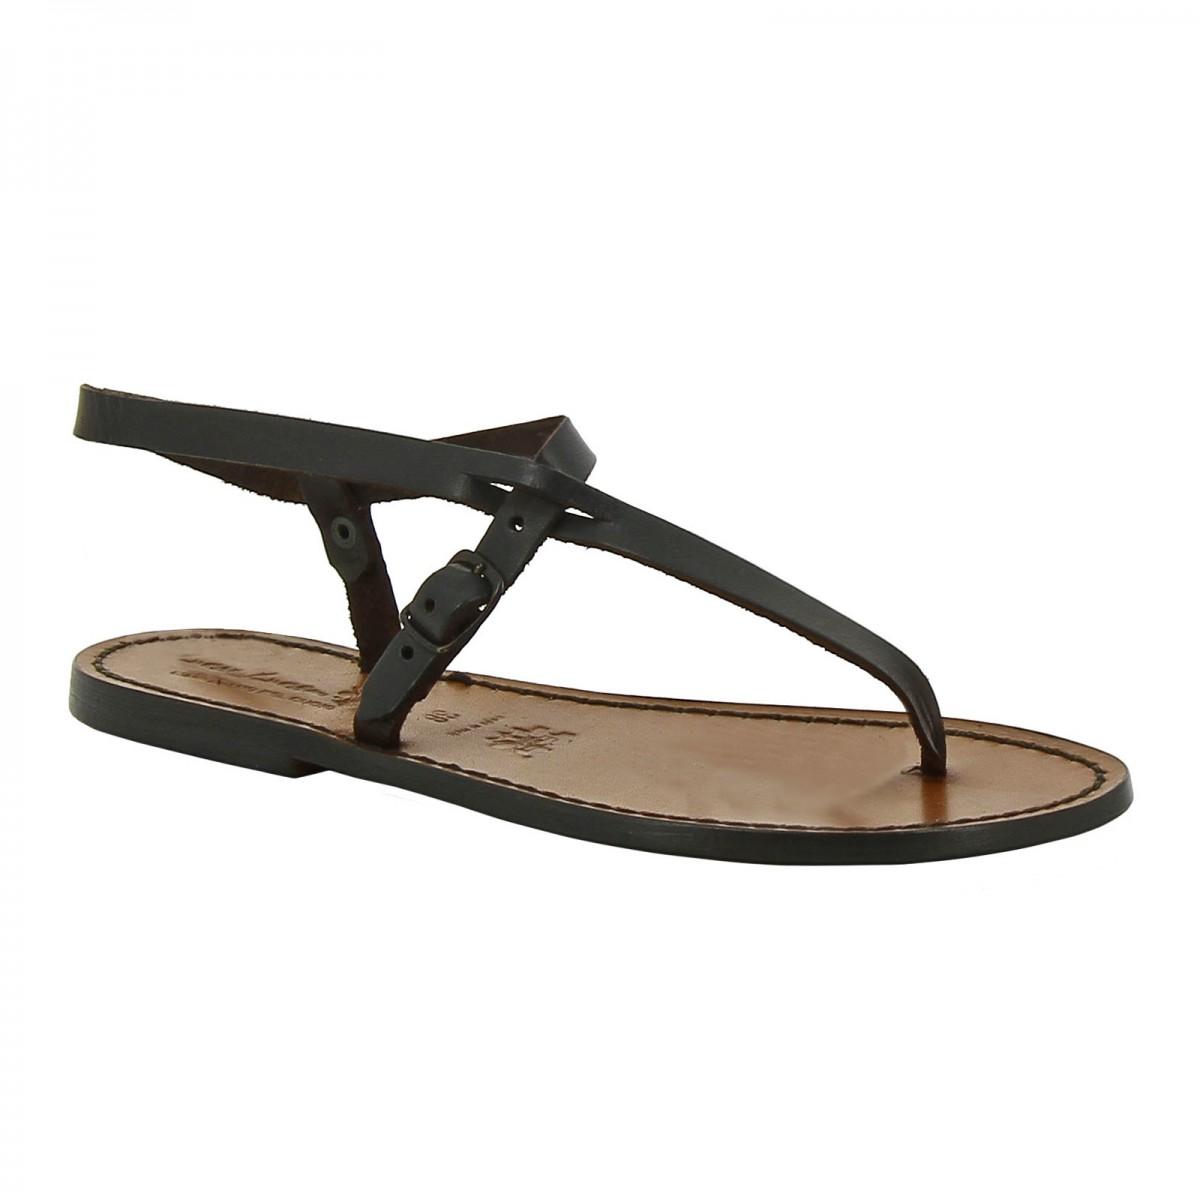 handgefertigte italienische sandalen damen aus. Black Bedroom Furniture Sets. Home Design Ideas